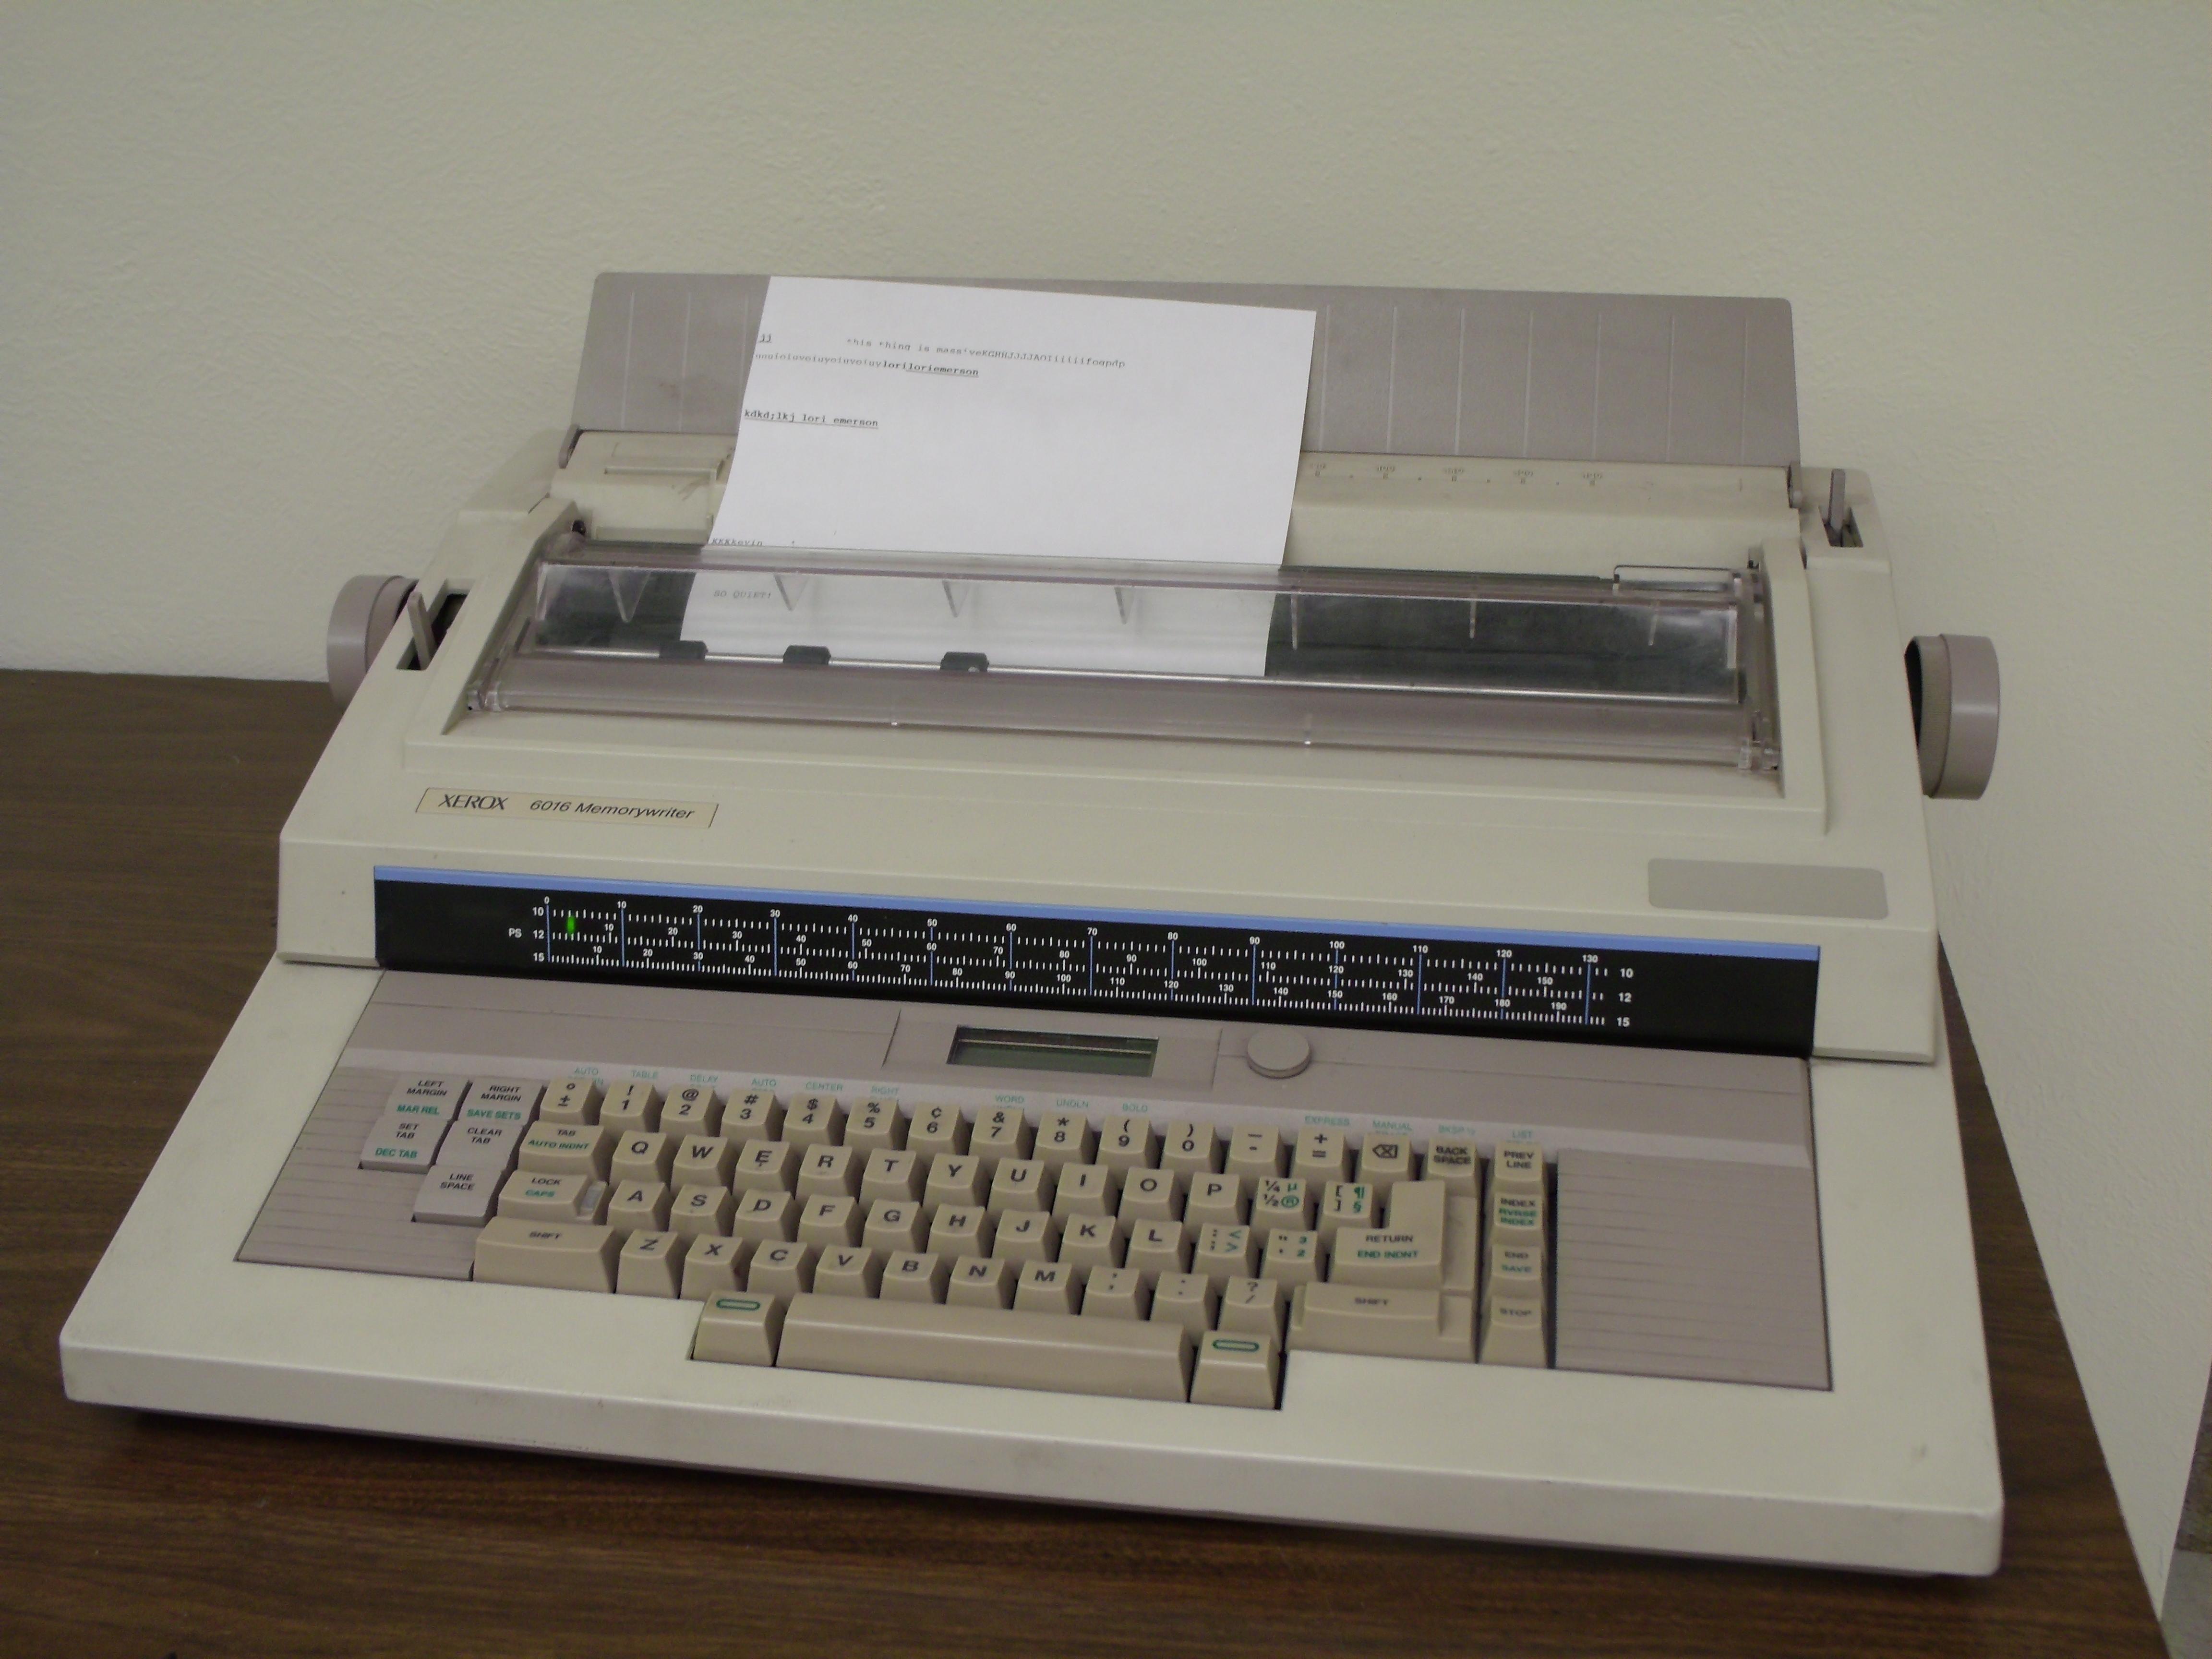 File:XEROX 6016 Memorywriter Word Processor jpg - Wikimedia